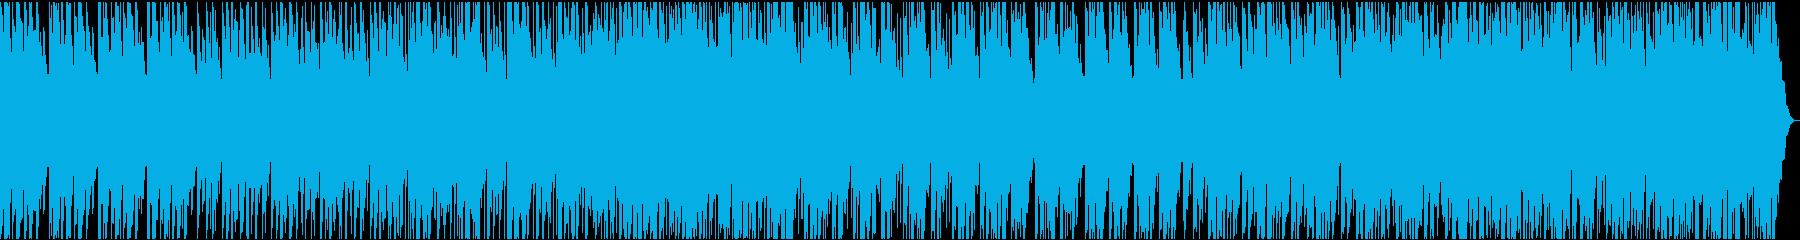 日本打楽器のパーカッション曲の再生済みの波形